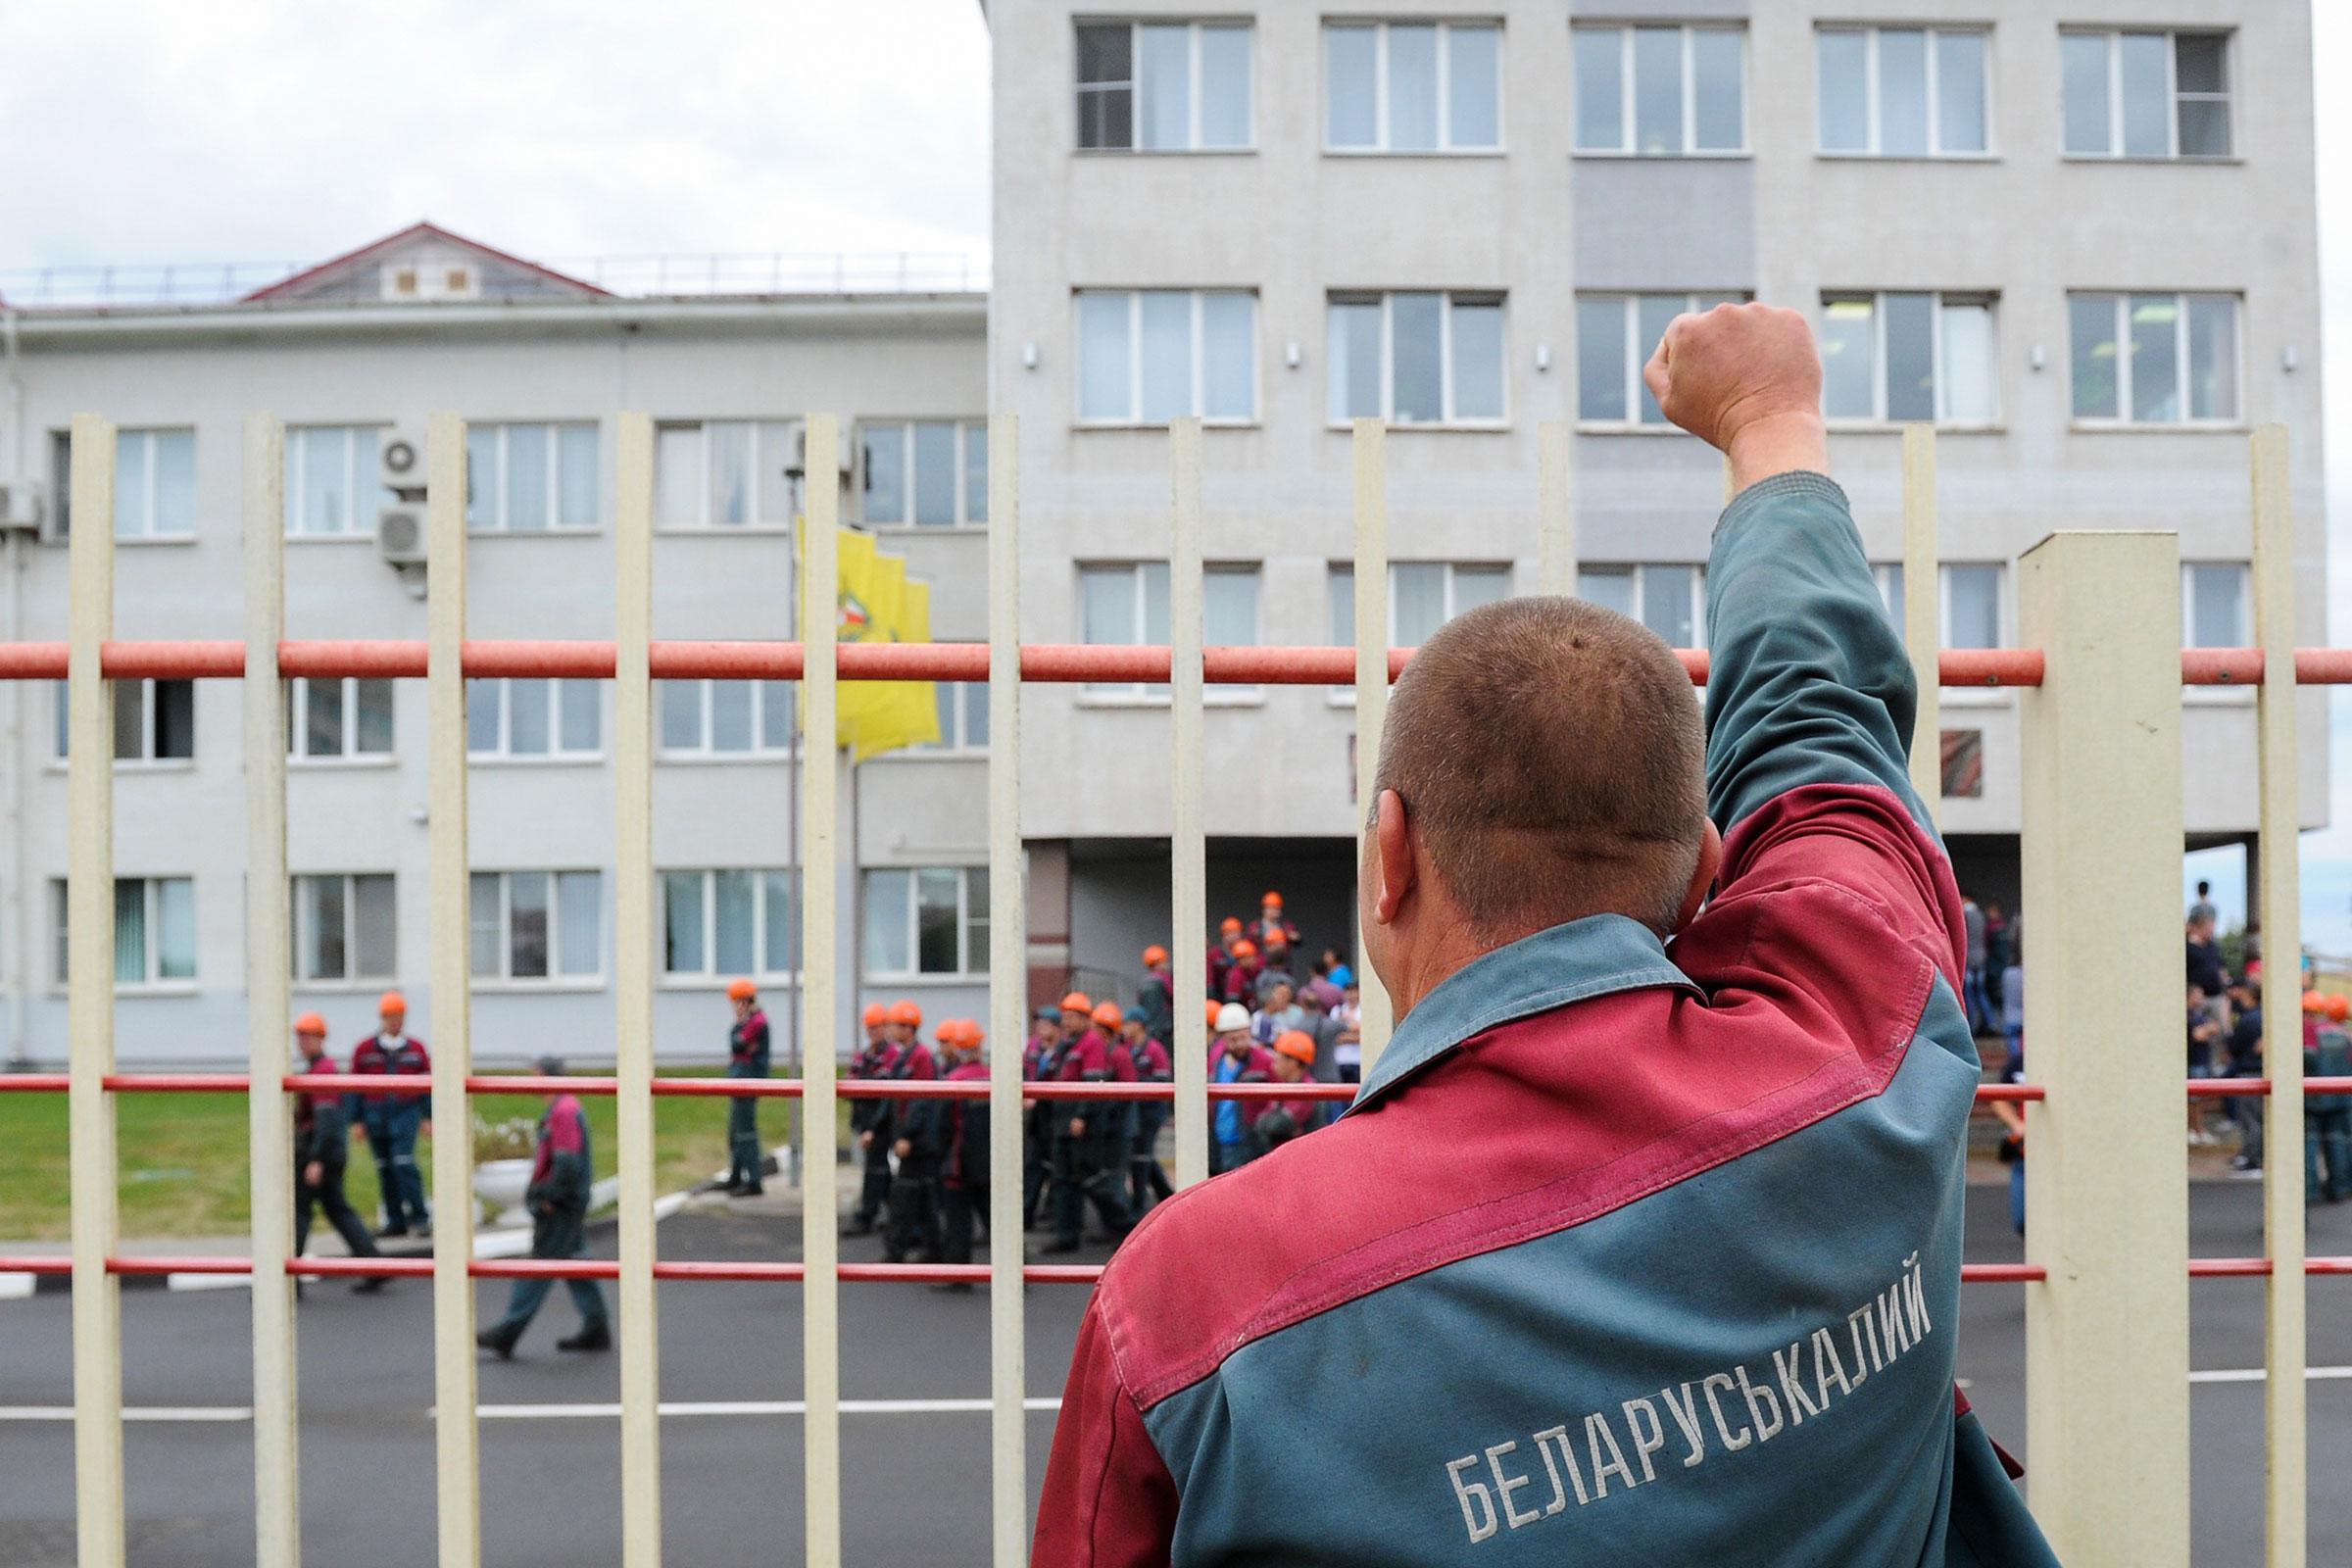 A striking worker of Belaruskaly, Belarus' major producer of potash fertilizers.